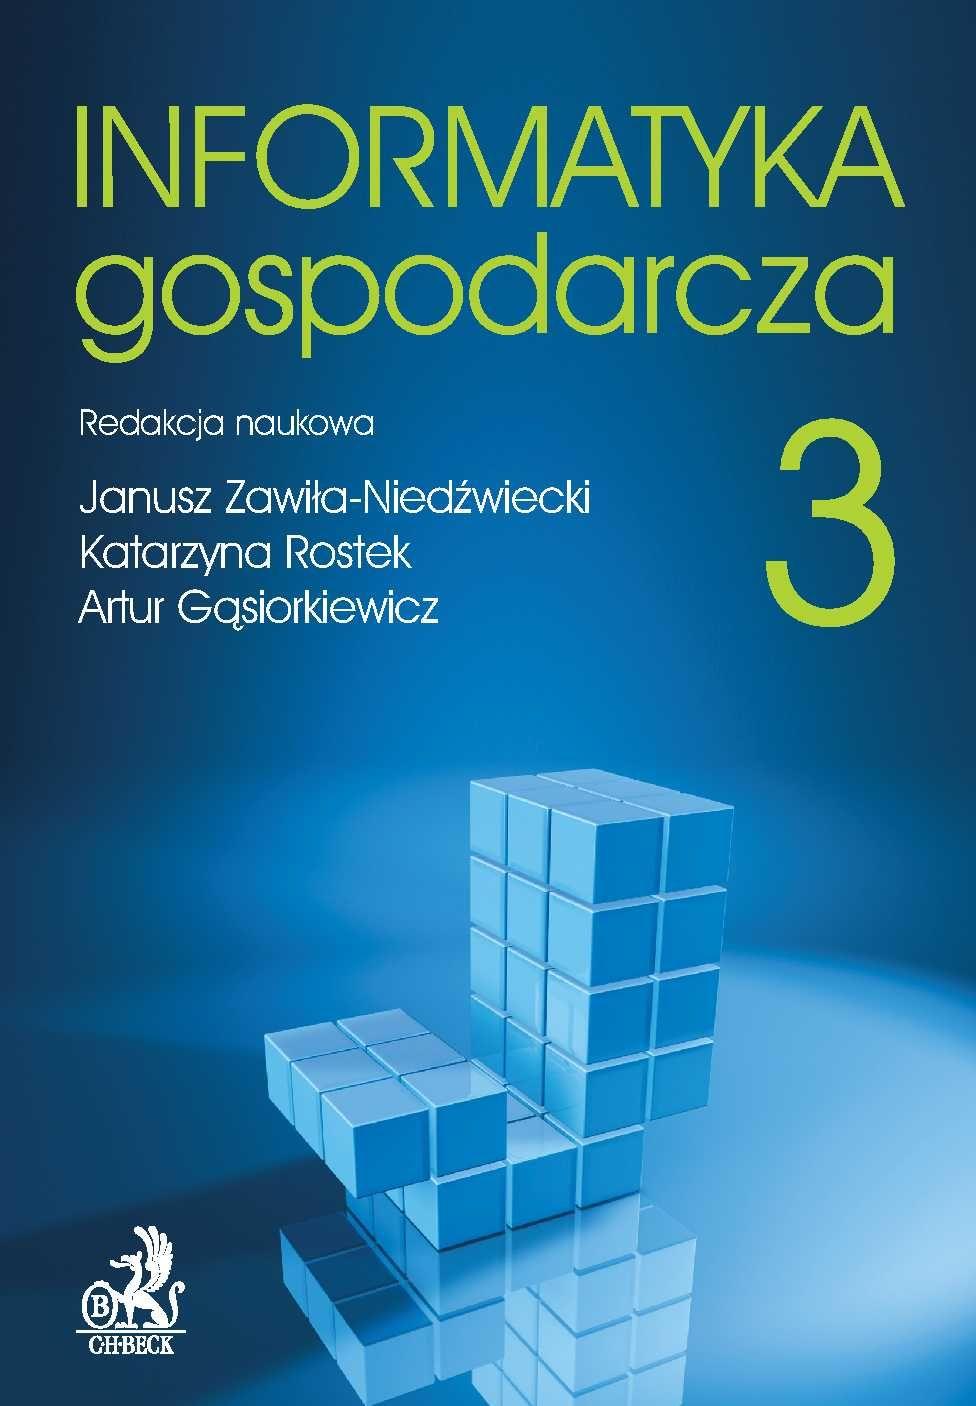 Informatyka Gospodarcza. Tom III - Ebook (Książka PDF) do pobrania w formacie PDF